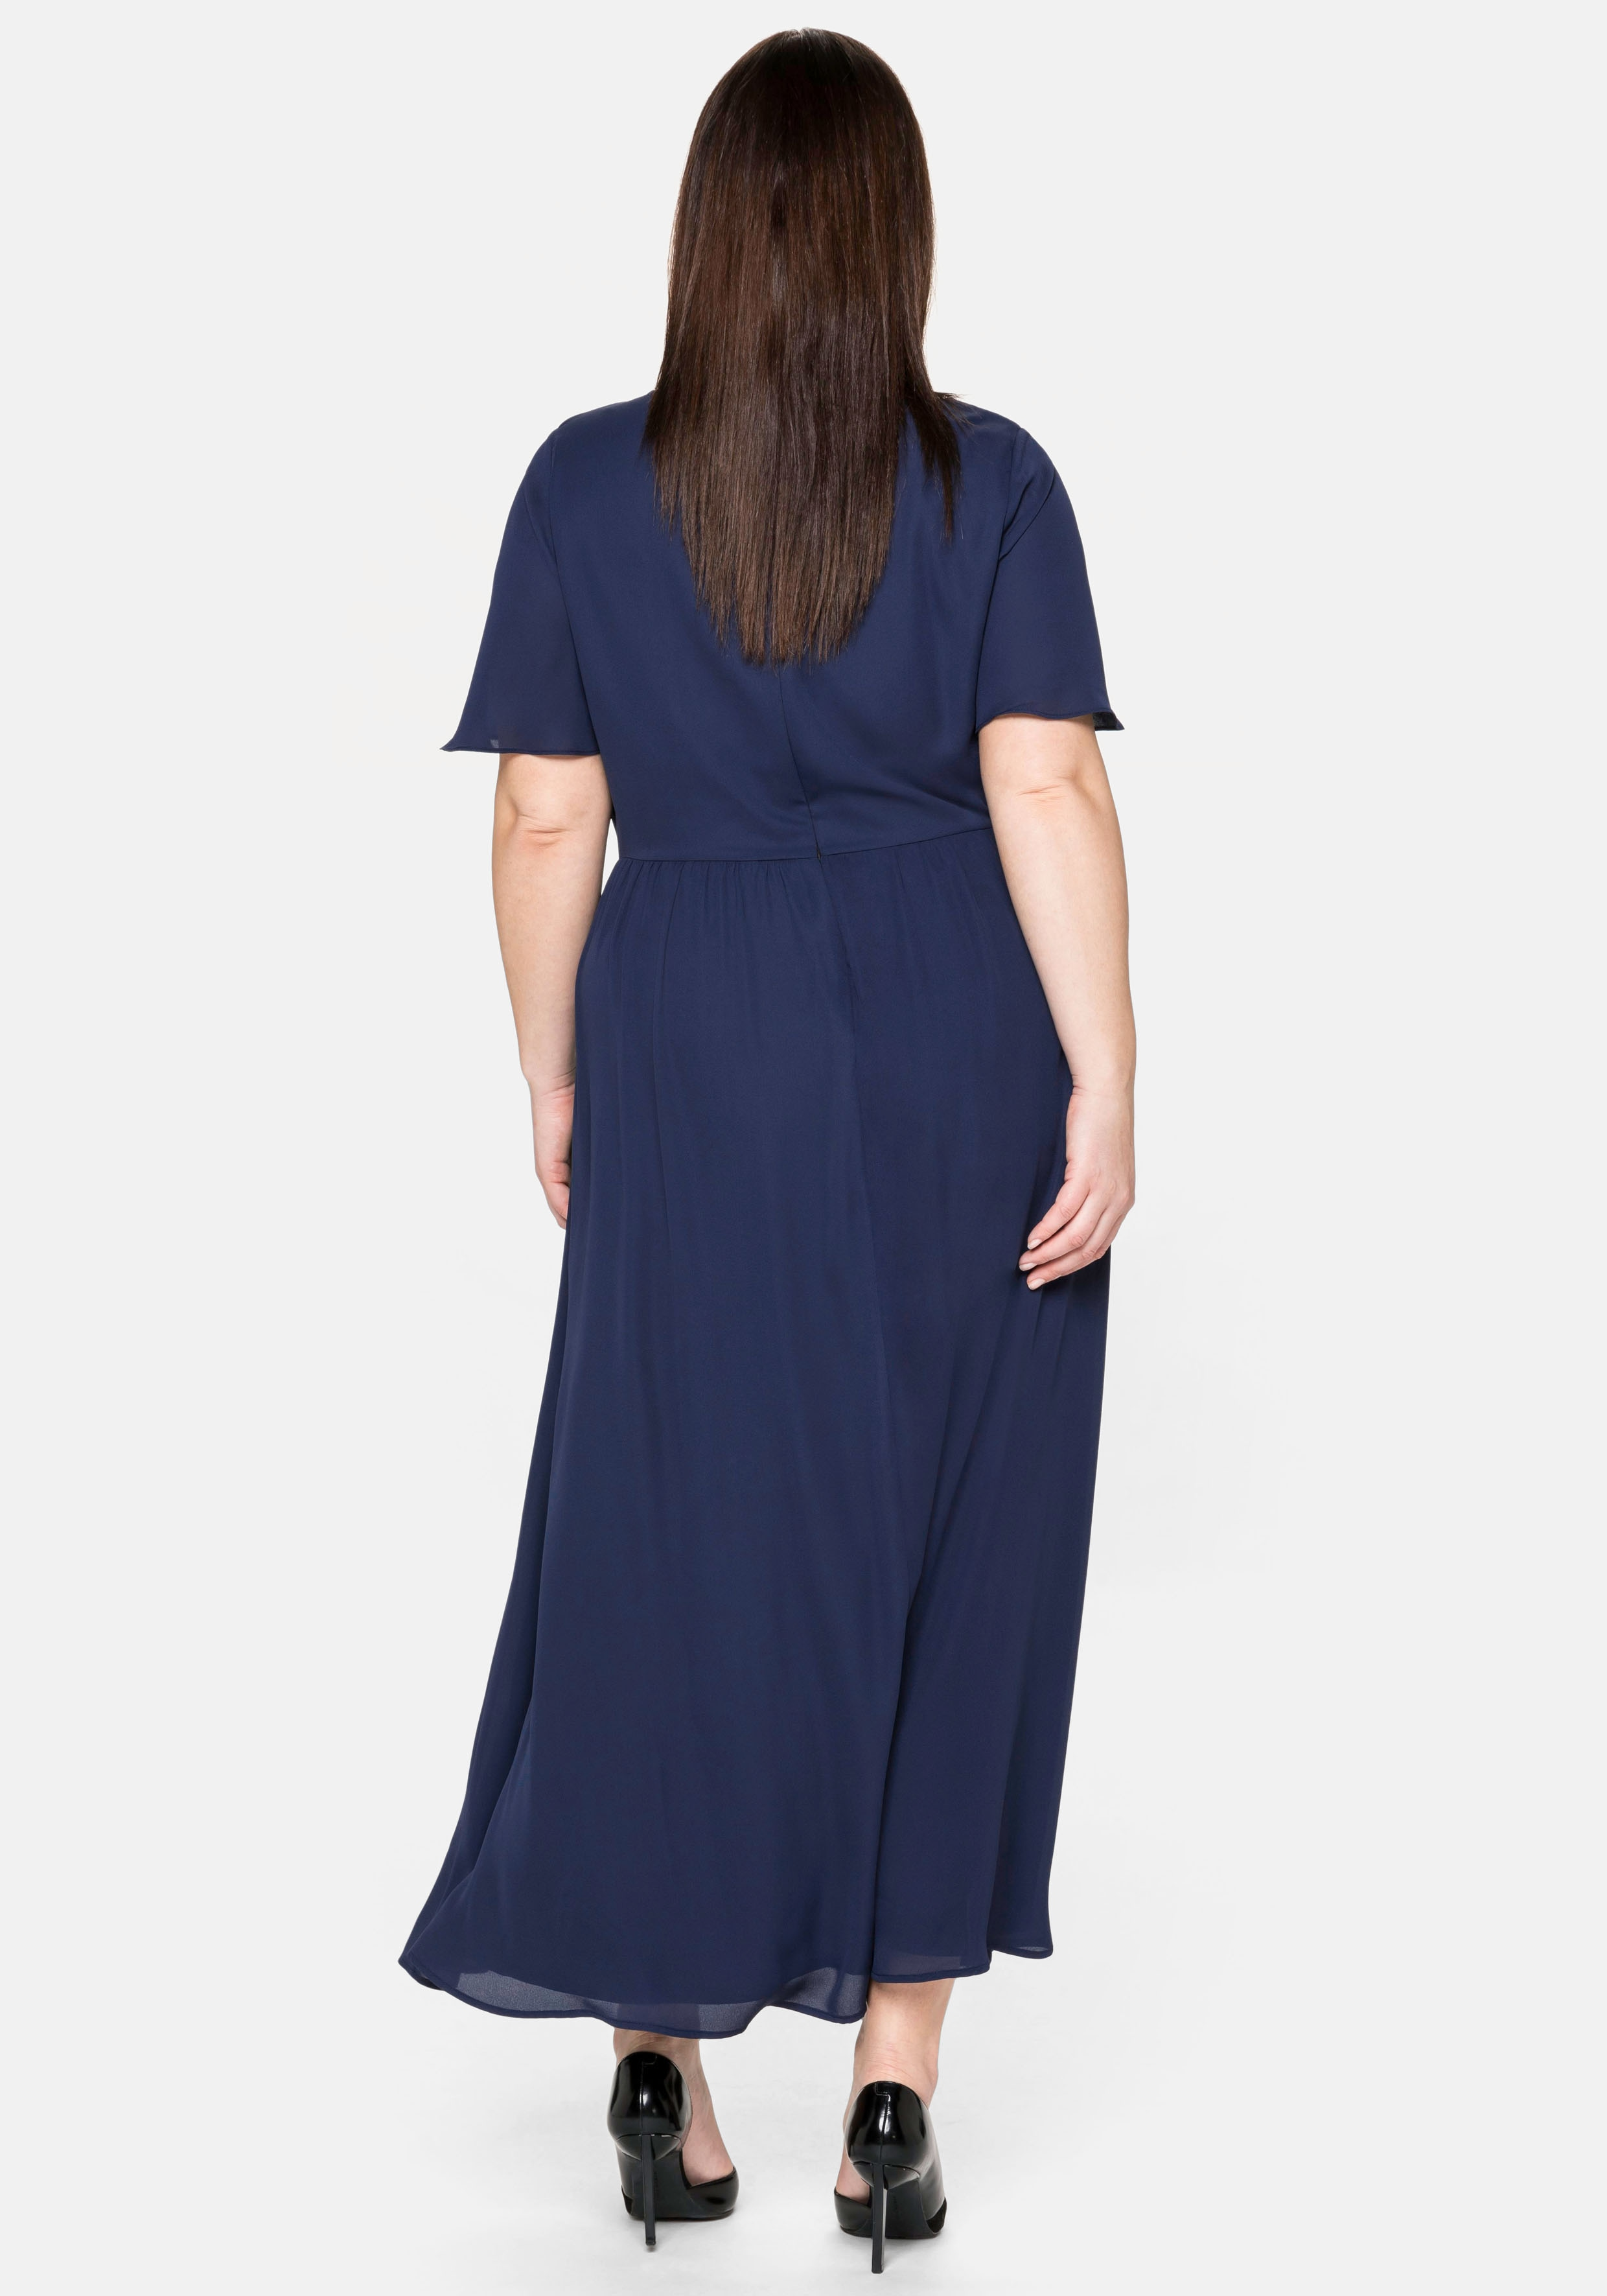 sheego -  Abendkleid, mit schimmernden Pailletten